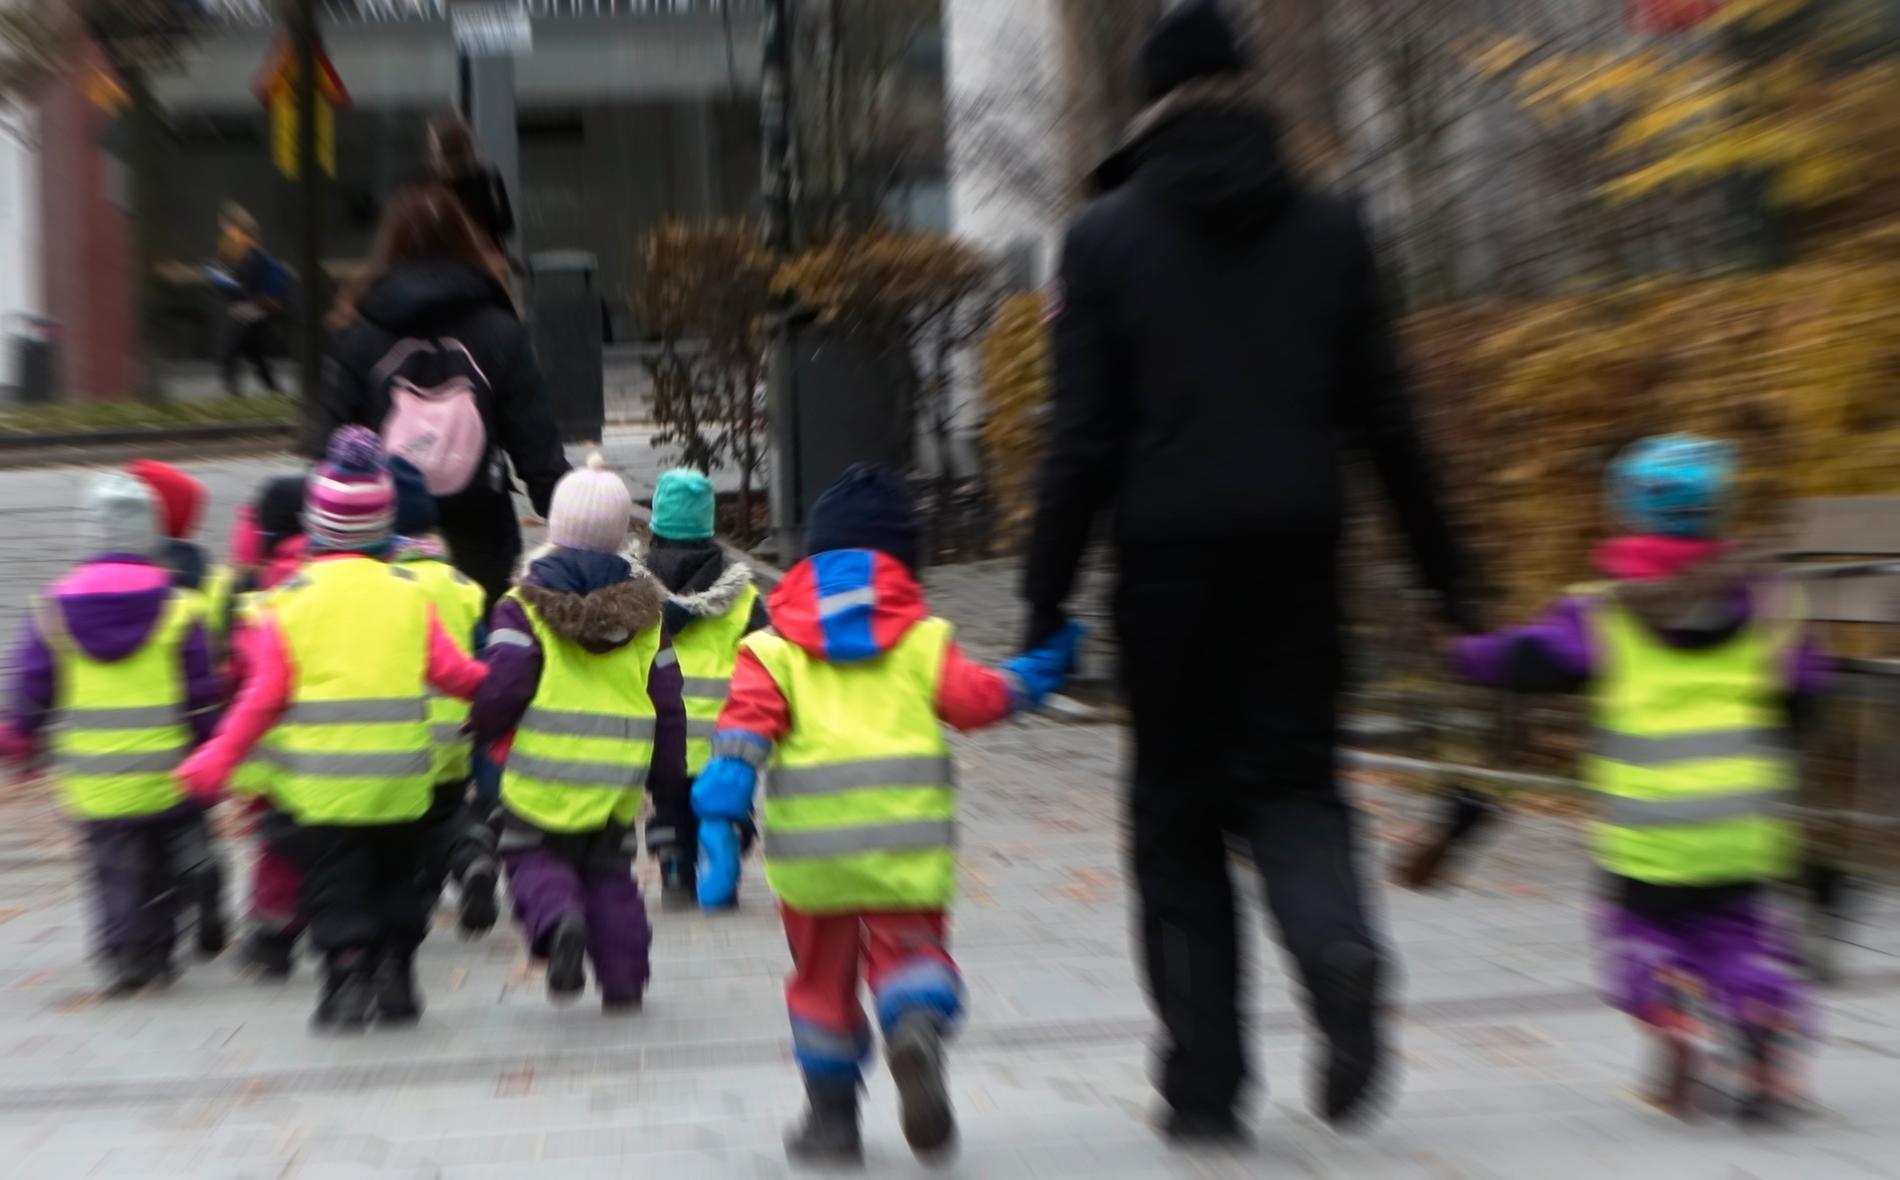 Stockholm stads skolborgarråd Isabel Smedberg-Palmqvist (L) vädjar till föräldrar att barn som går i förskolan ska stanna hemma under jul- och nyårsledigheten. Arkivbild.